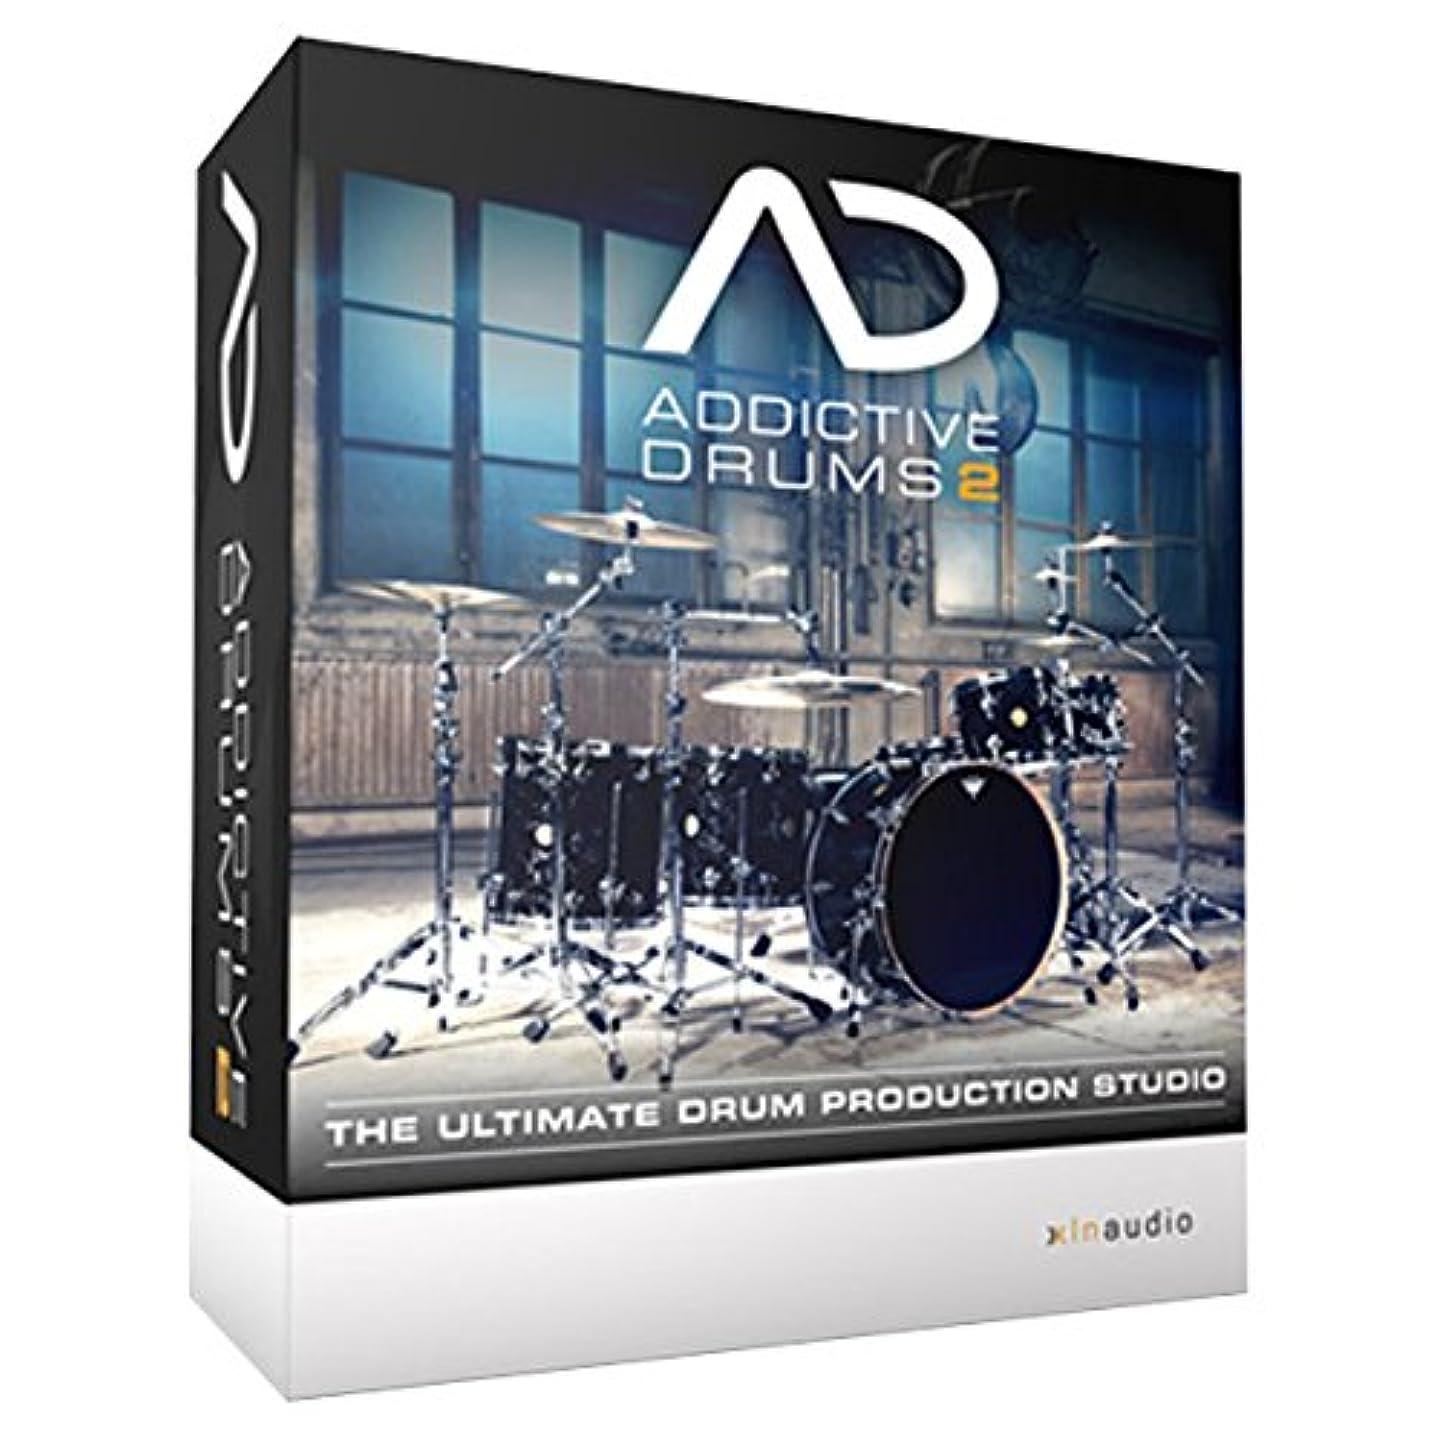 同志哲学去る定番ドラム音源◆XLN Audio Addictive Drums 2 ADPAK 3点収録 バンドルセット◆並行輸入品ノンパッケージ/ダウンロード形式